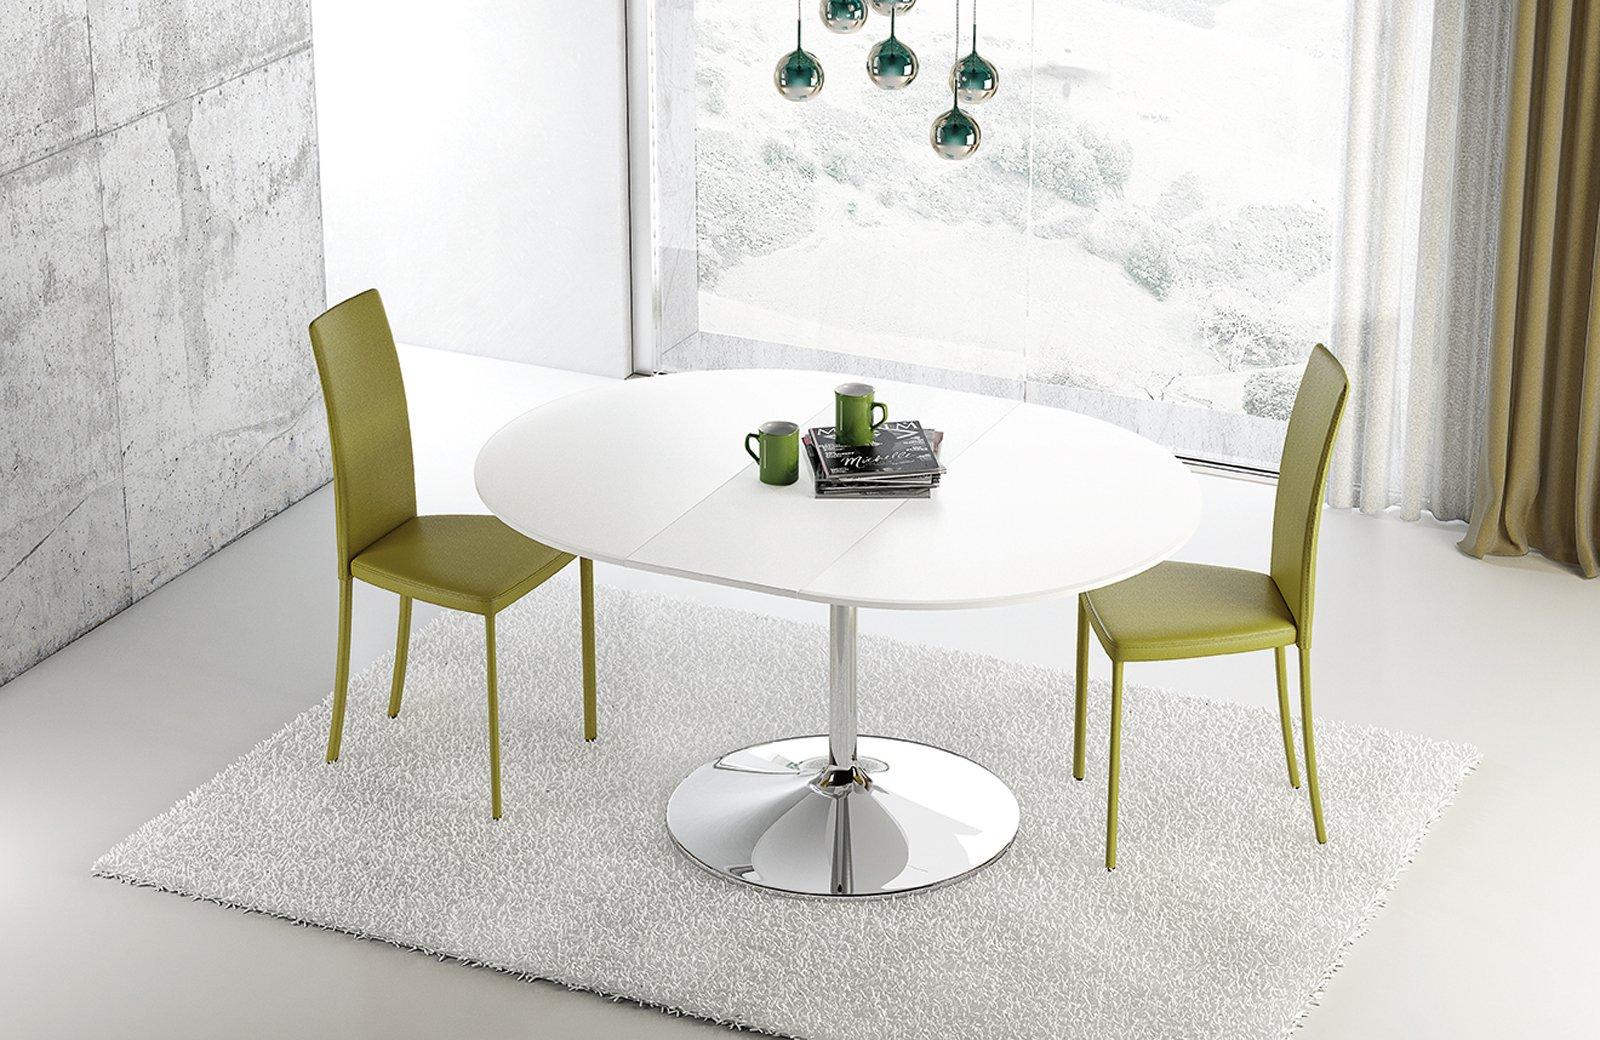 Riflessi small tavolo tondo allungabile cose di casa for Tavolo tondo alto